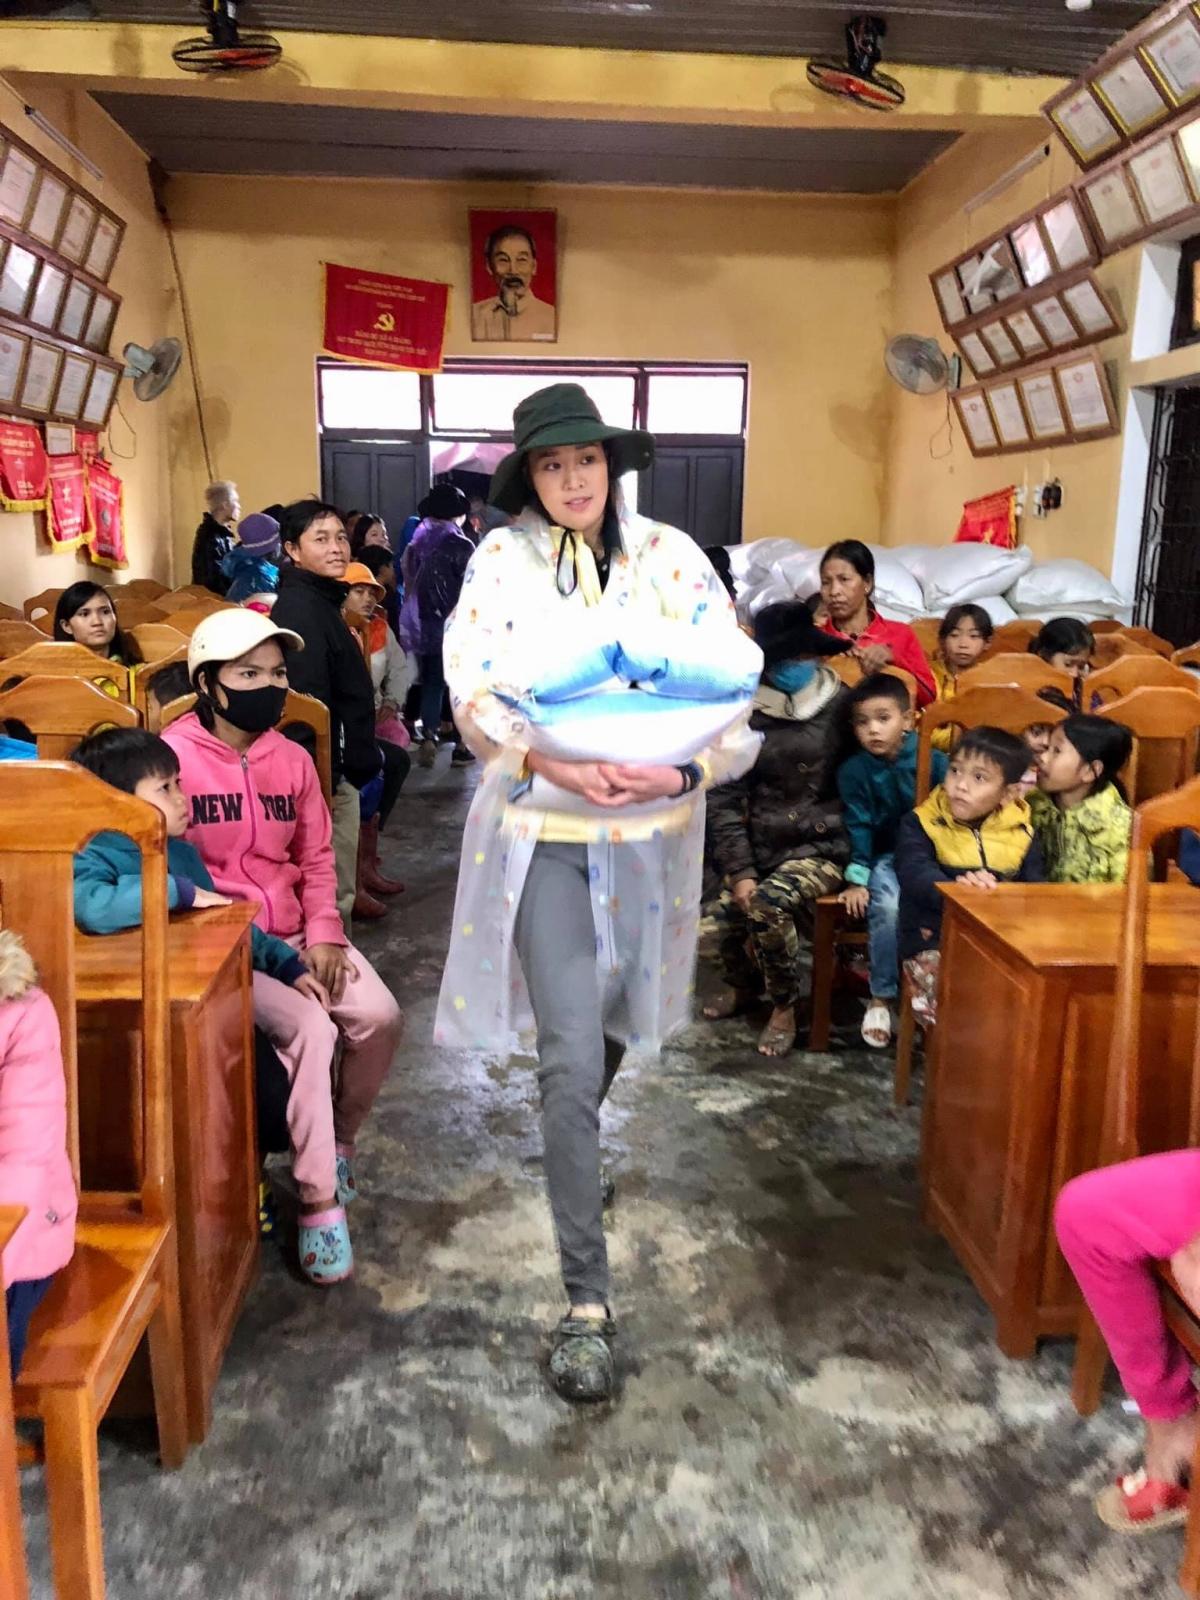 Cụ thể, đoàn đã phối hợp cùng các đơn vị ban ngành, tổ chức thăm và đến xã A Roàng, huyện A Lưới, trao 500 phần quà gồm 300 phần gạo, tiền mặt và 200 phần quà là cặp sách, vở, bánh kẹo, sữa…